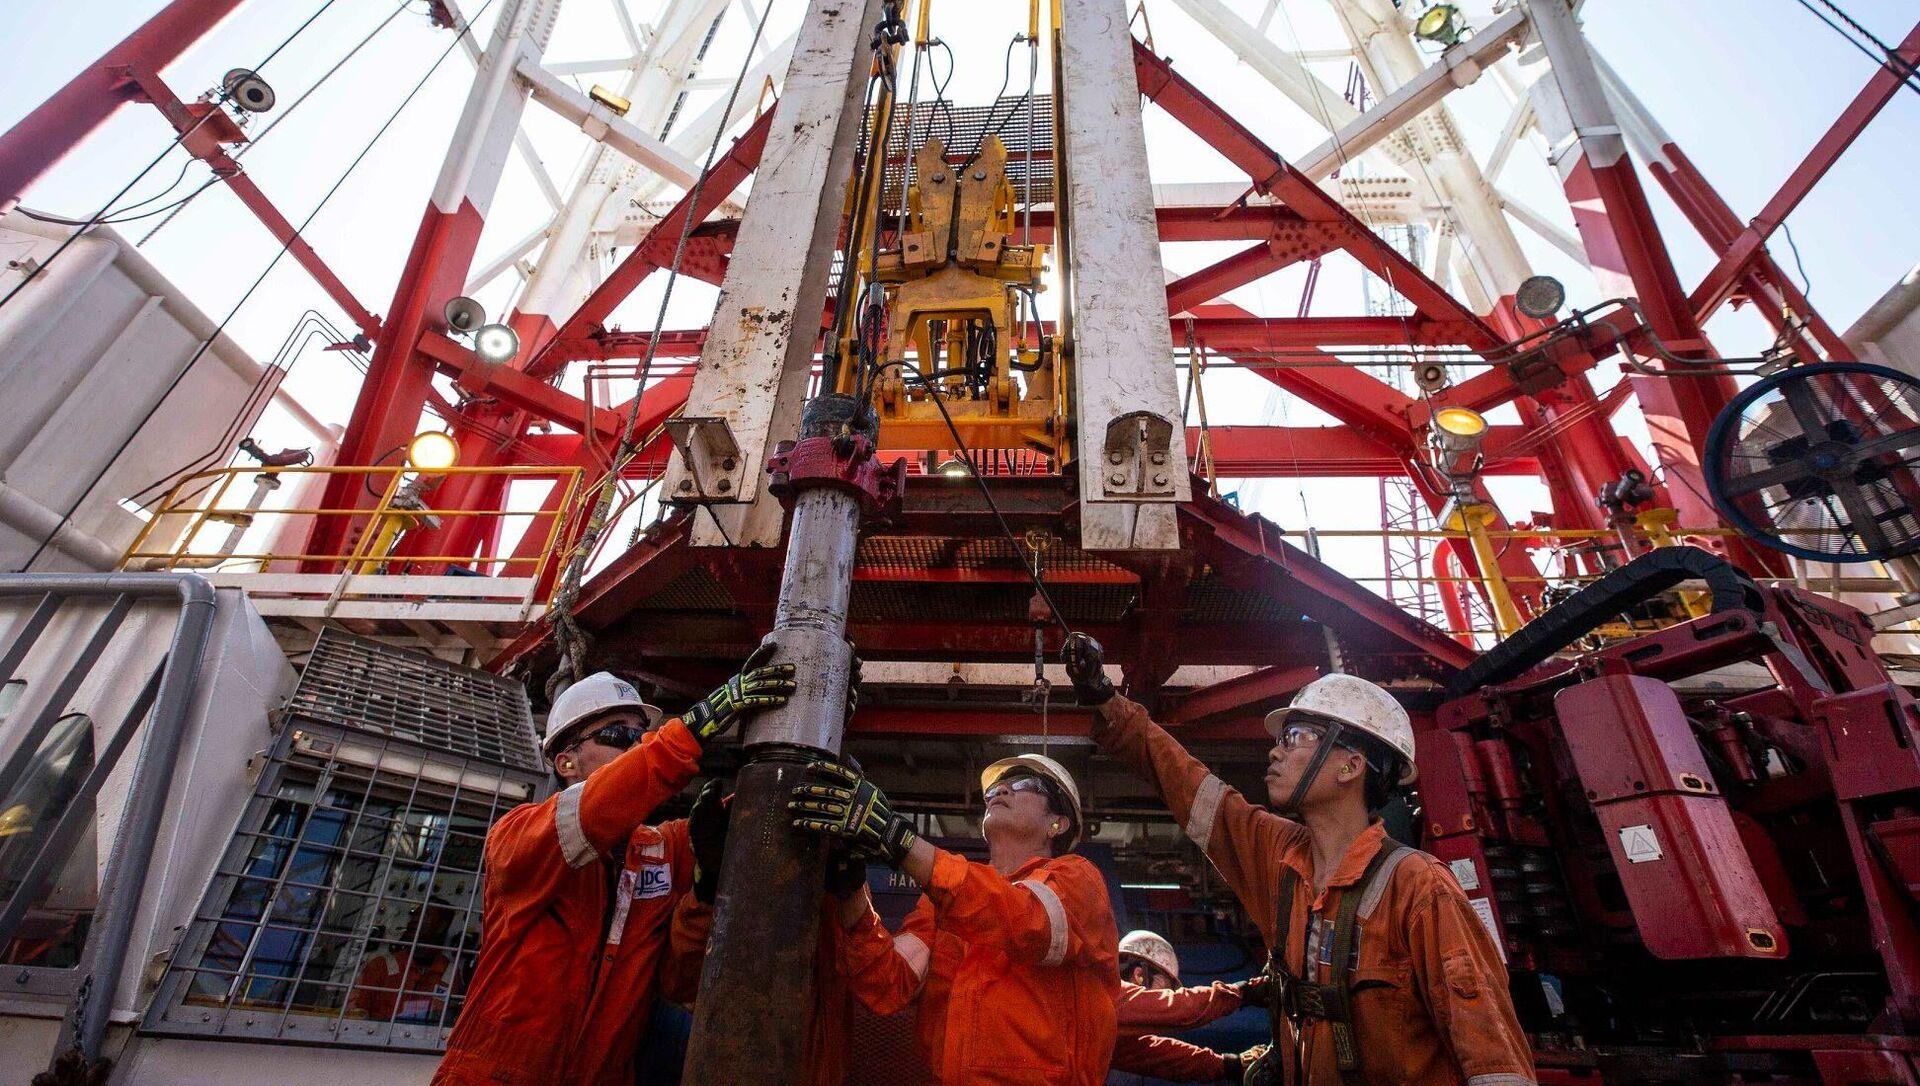 Rosneft bắt đầu khoan giếng sản xuất ở vùng thềm lục địa của Việt Nam - Sputnik Việt Nam, 1920, 07.09.2021